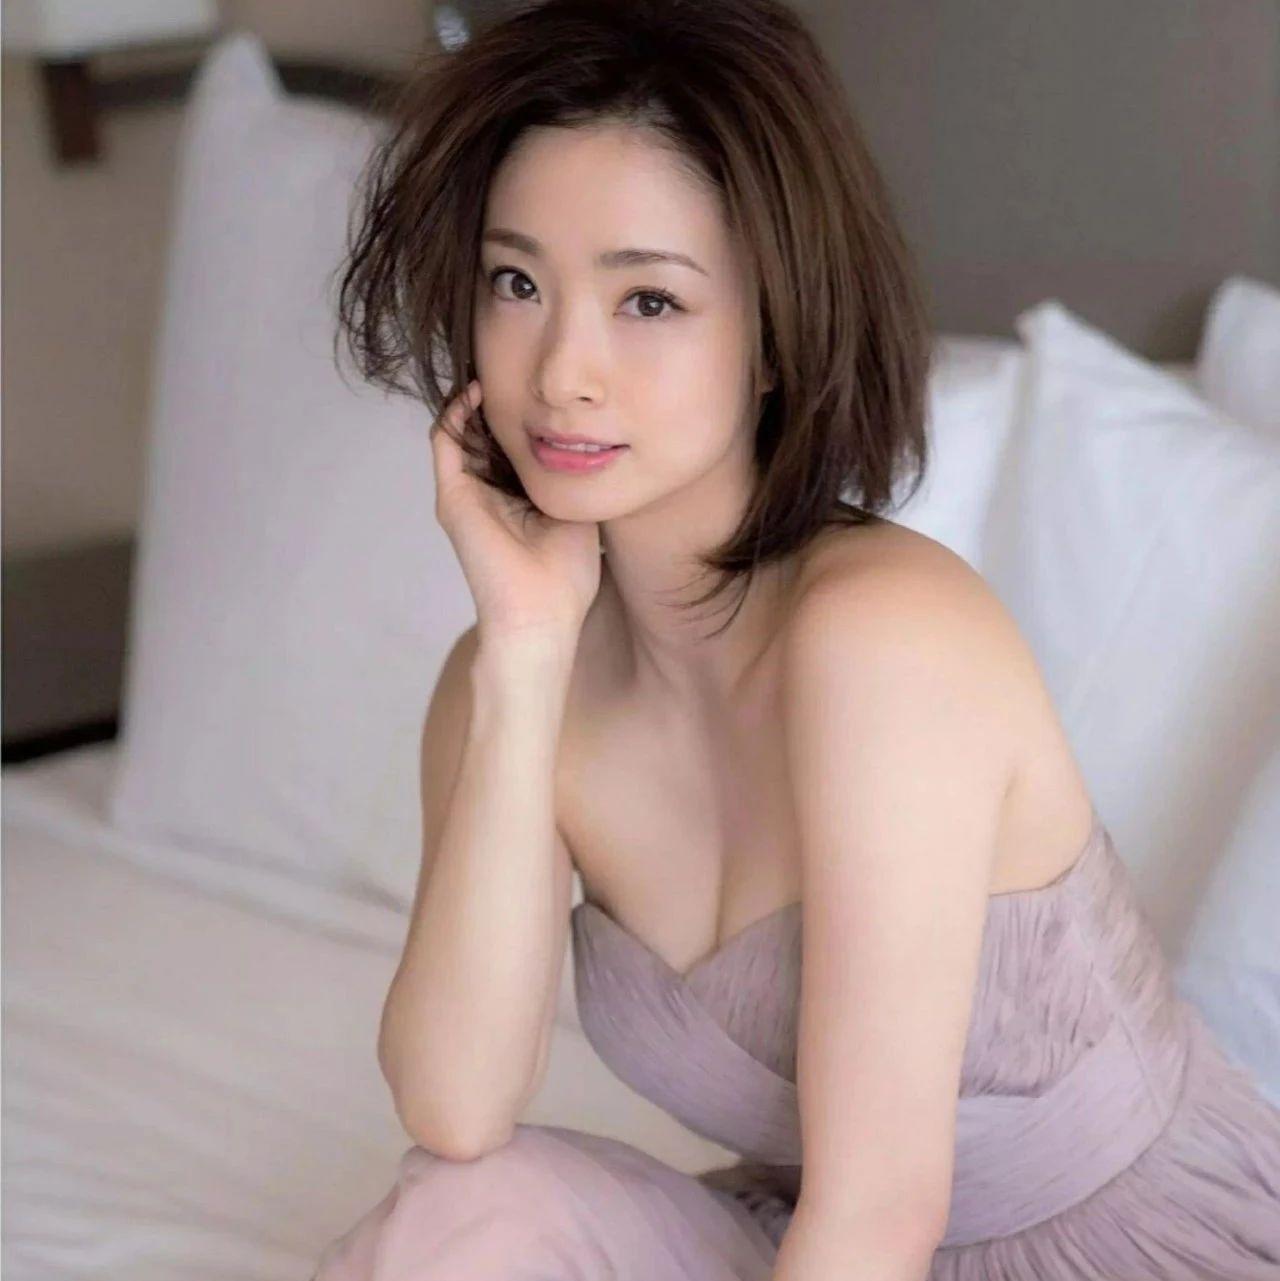 《昼颜》上户彩产后出晒线写真,喺《半泽直树2》中狂爆人妻金句!!!